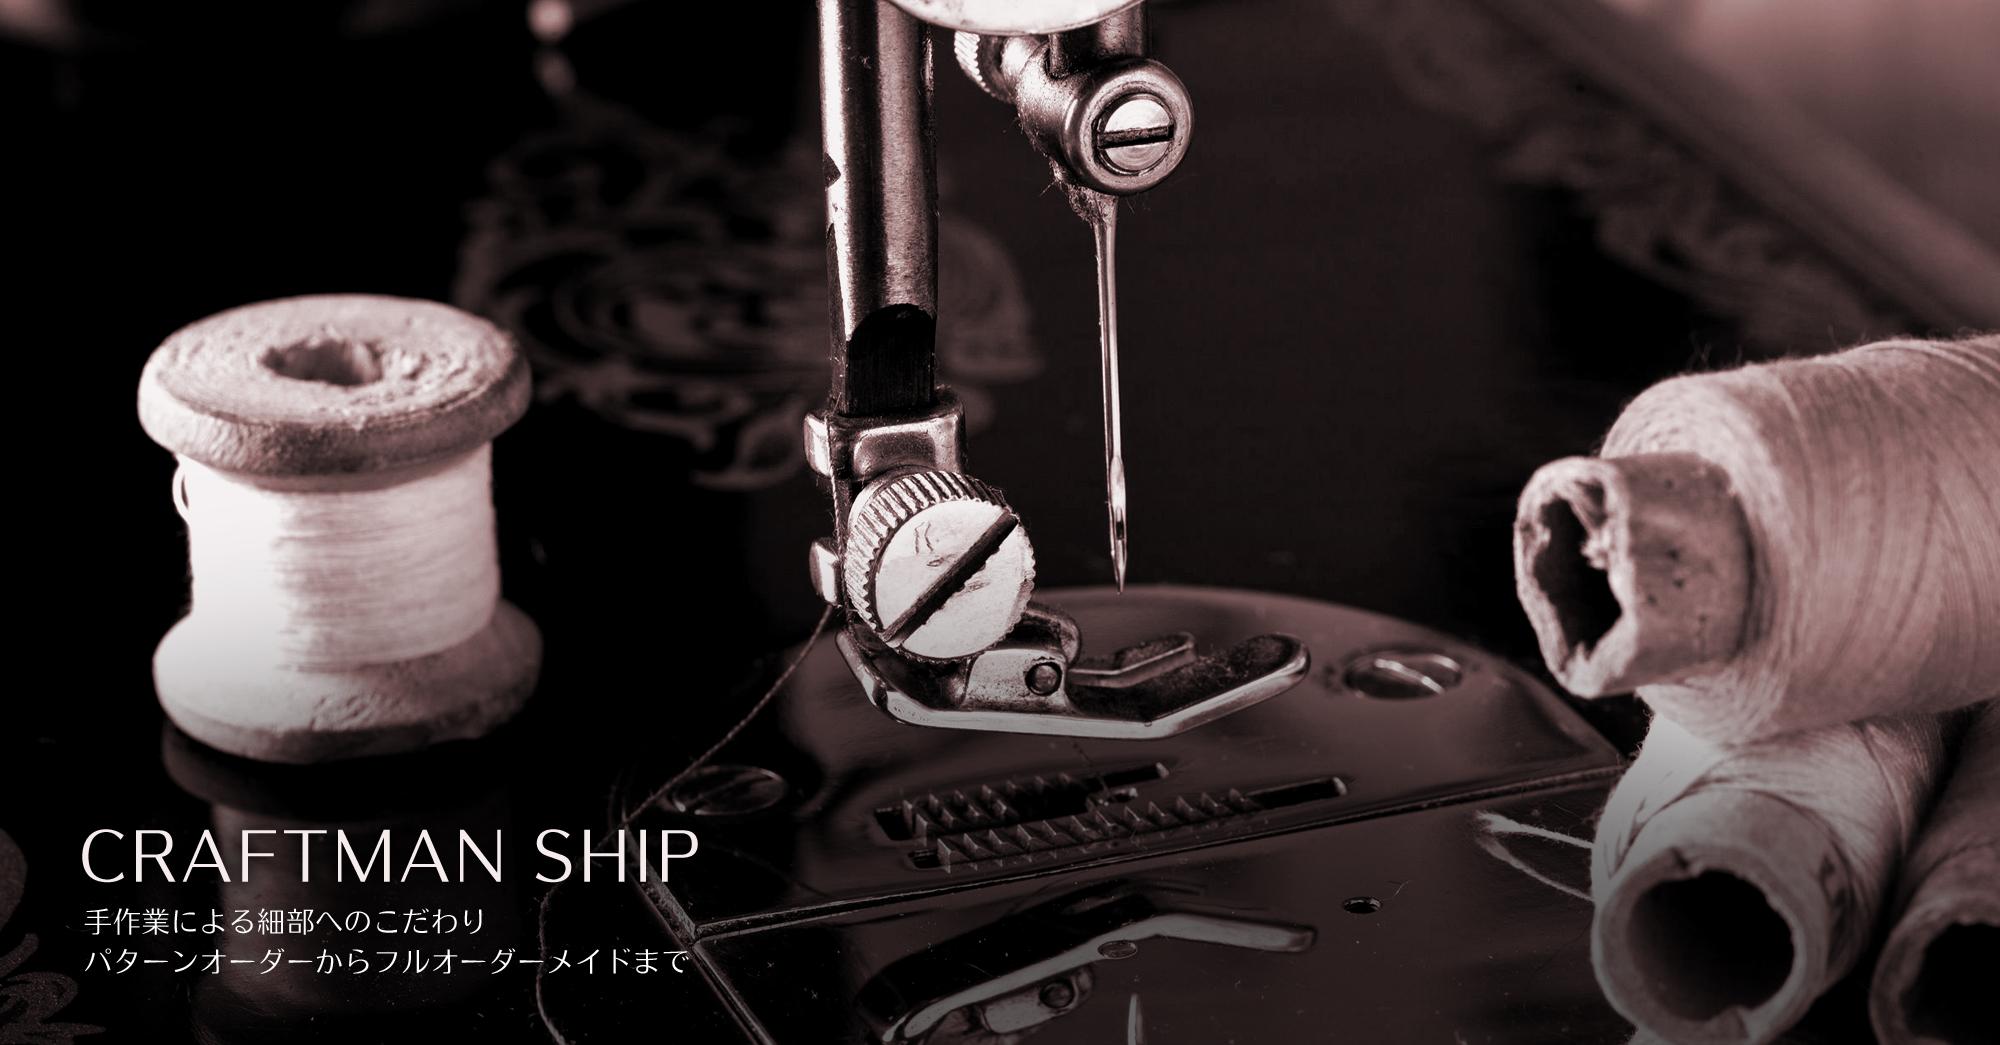 日本国内工での熟練した職人技 手作業による縫製